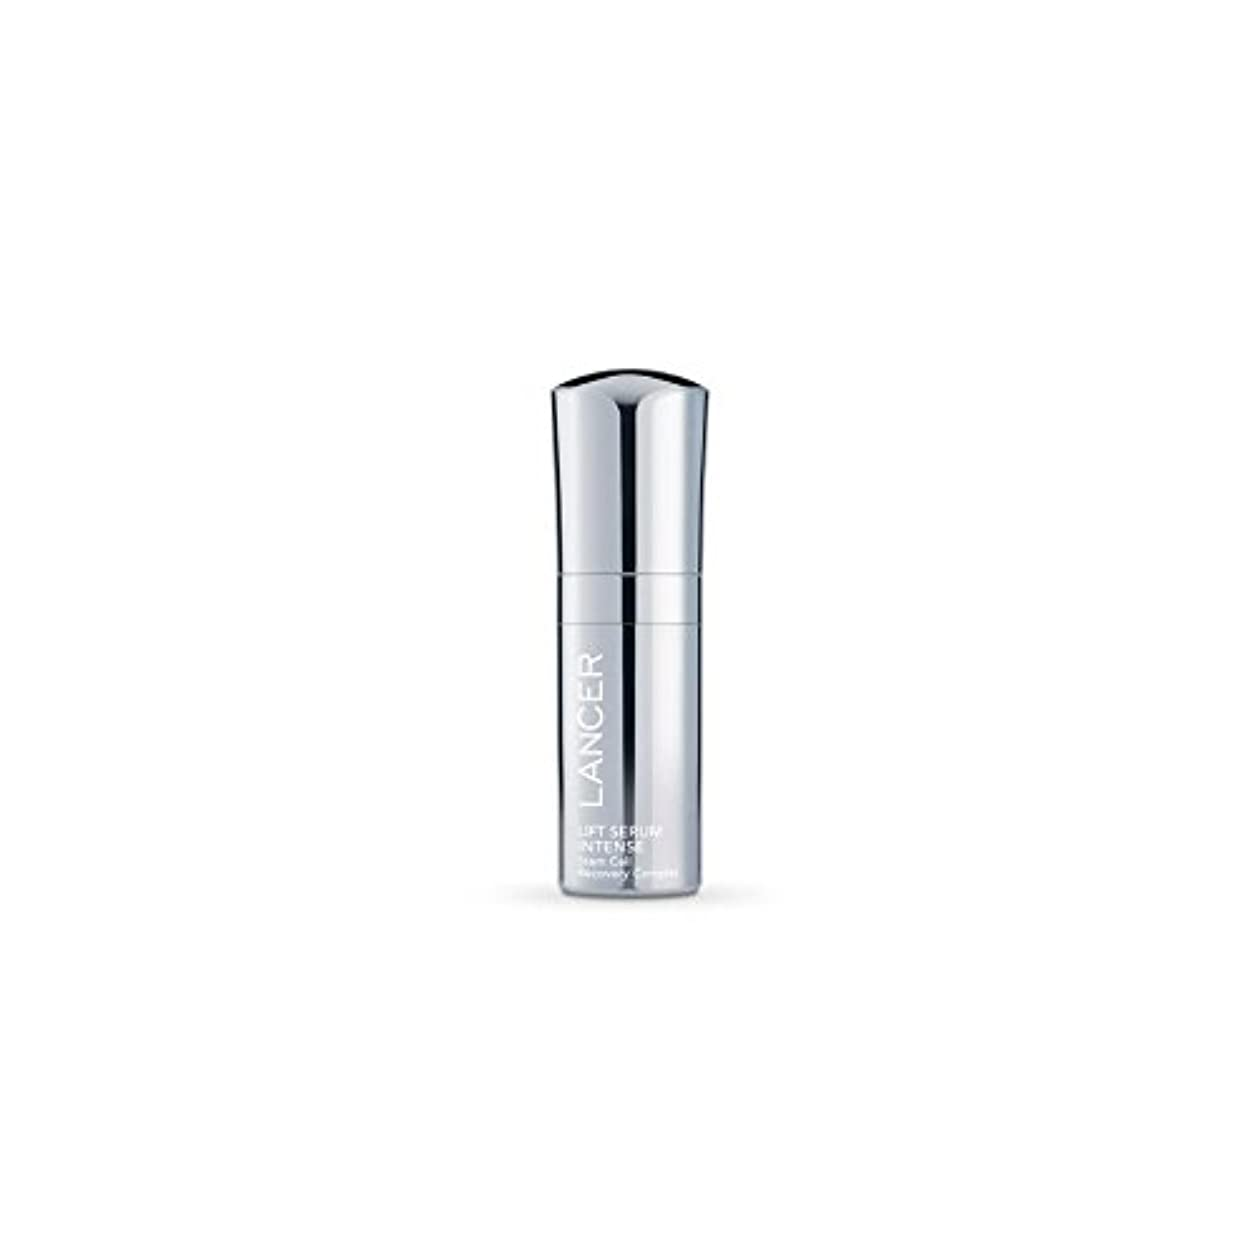 象囲いスポーツマンLancer Skincare Lift Serum Intense (30ml) - 強烈ランサースキンケアリフト血清(30ミリリットル) [並行輸入品]